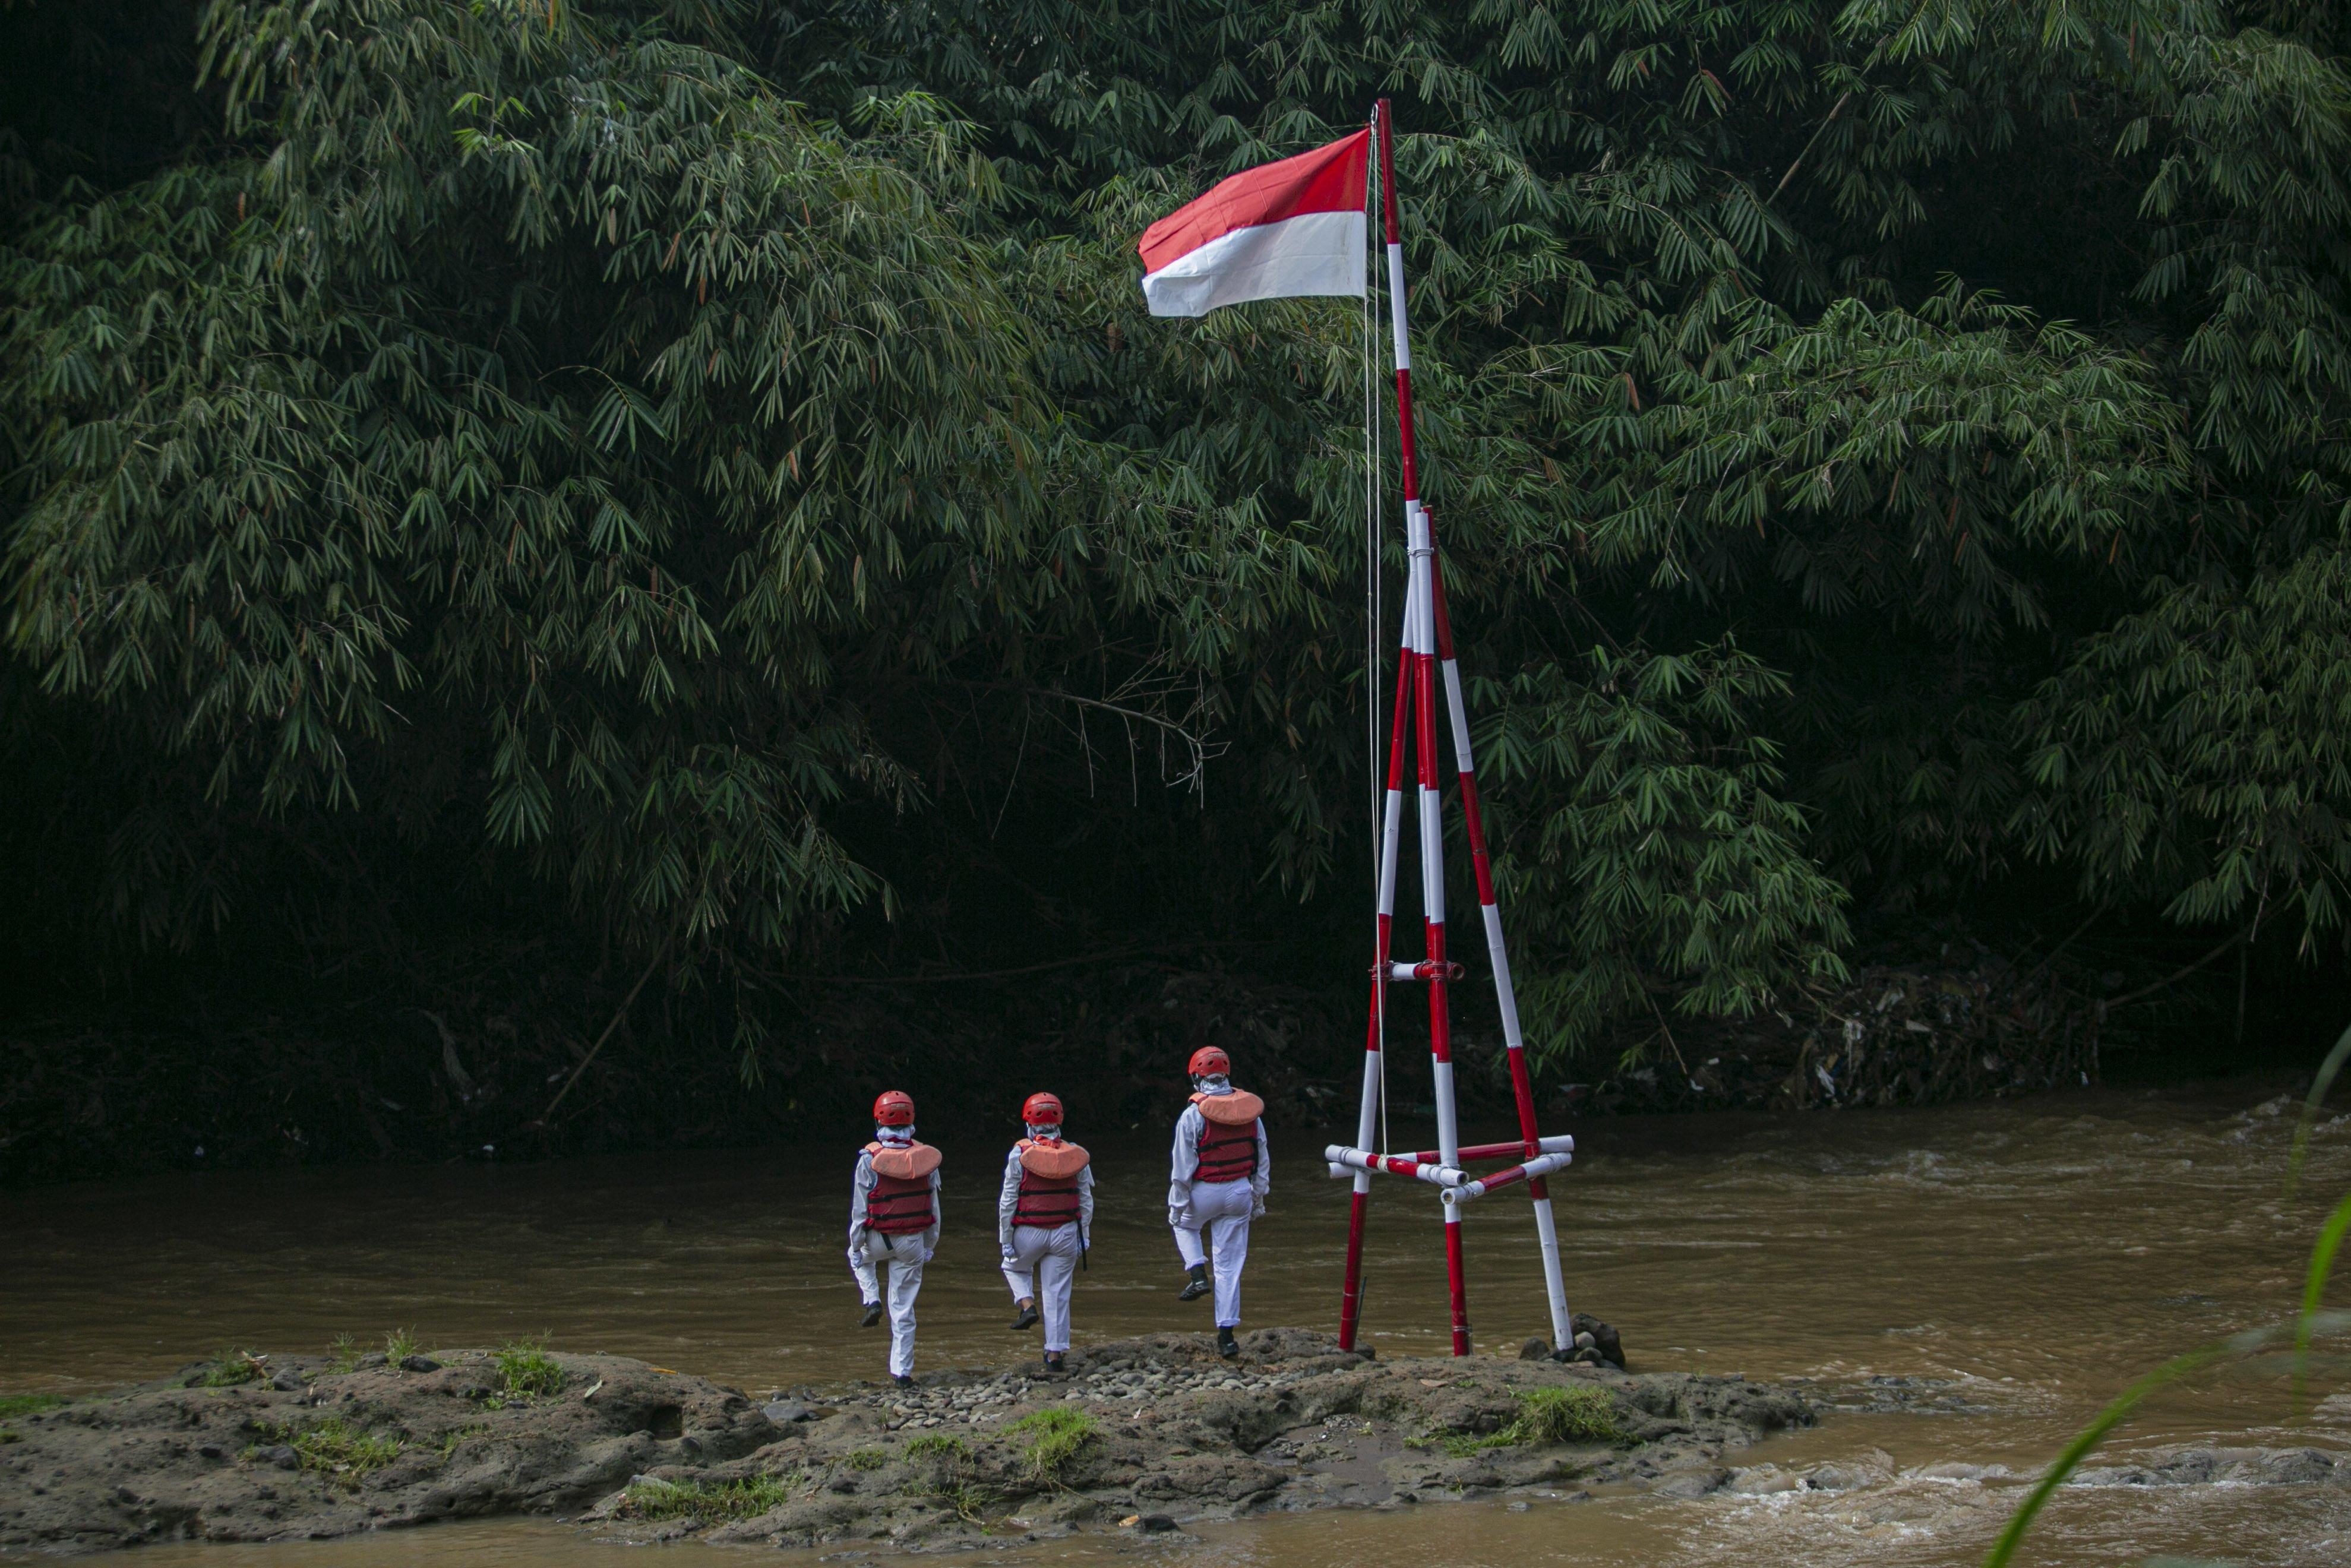 Sejumlah Anggota Komunitas Ciliwung Depok (KCD) melaksanakan rangakai upacara bendera dalam rangka memperingati HUT ke-75 Kemerdekaan Republik Indonesia di Sungai Ciliwung, GDC, Depok, Jawa Barat, Senin (17/8/2020). Pengibaran bendera yang dilakukan di tengah Sungai Ciliwung tersebut merupakan agenda tahunan yang bertujuan agar pemerintah serta masyarakat lebih memperhatikan dan menjaga kondisi Sungai Ciliwung.